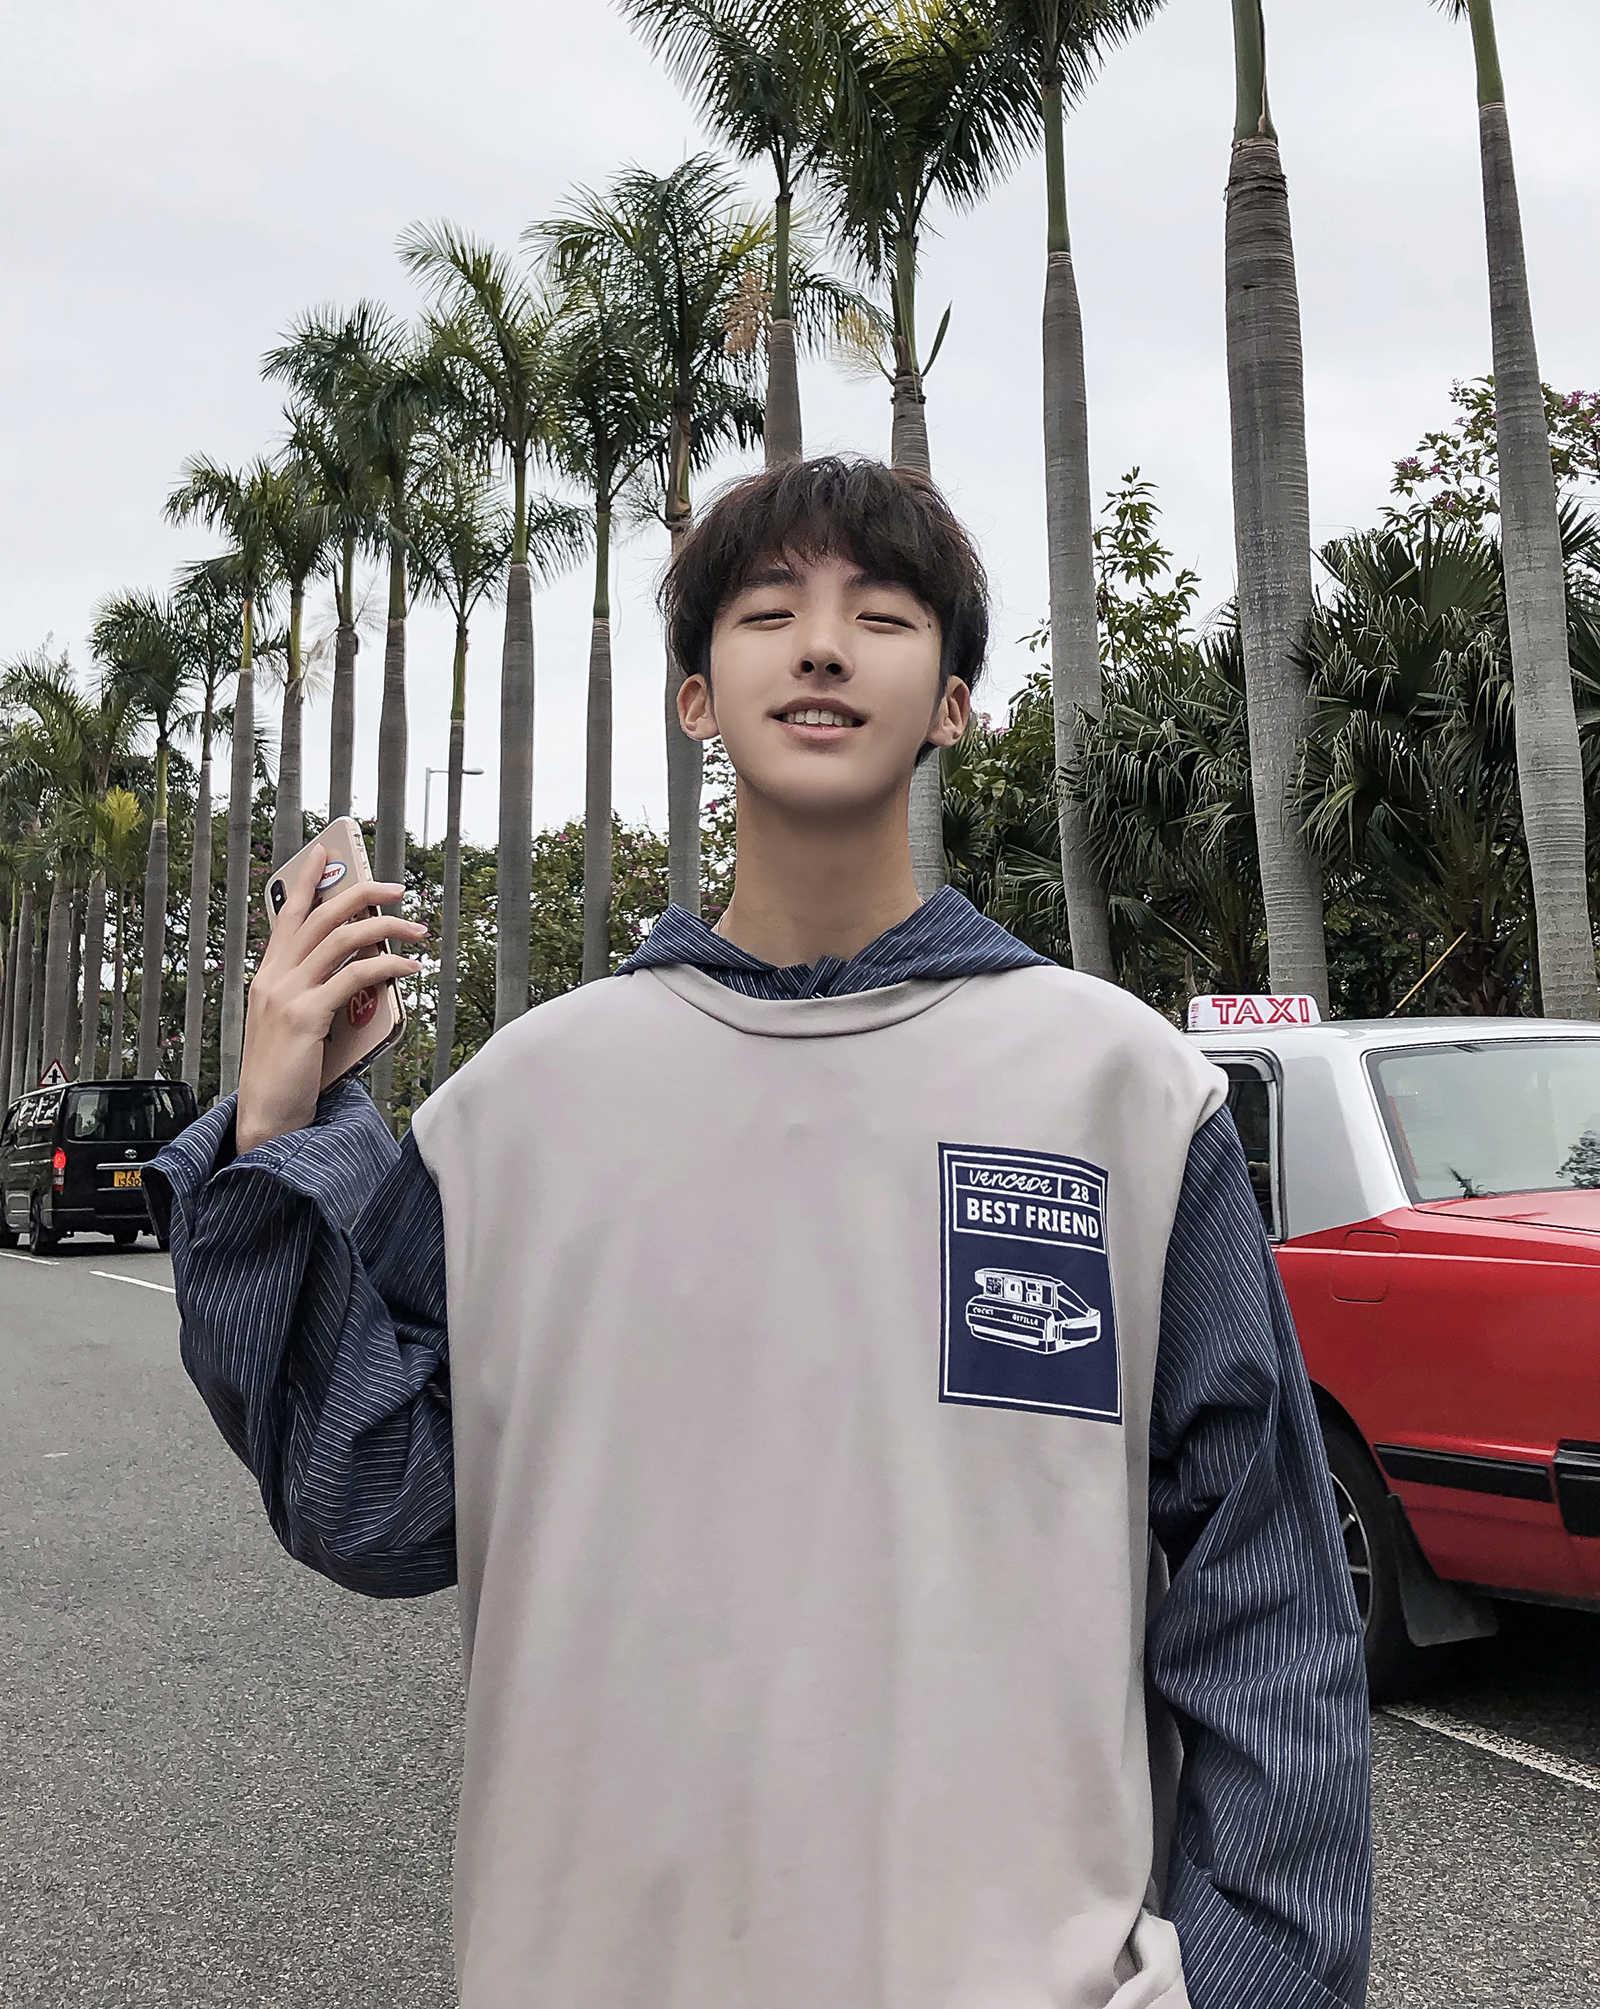 Algodón Casual Suelto Hombres M Japoneses Sudaderas Celosía De Los Pespuntes 2019 Gray Estilo Con Abrigos Del xl Moda Color Capucha Impresión nZ8xTtwq